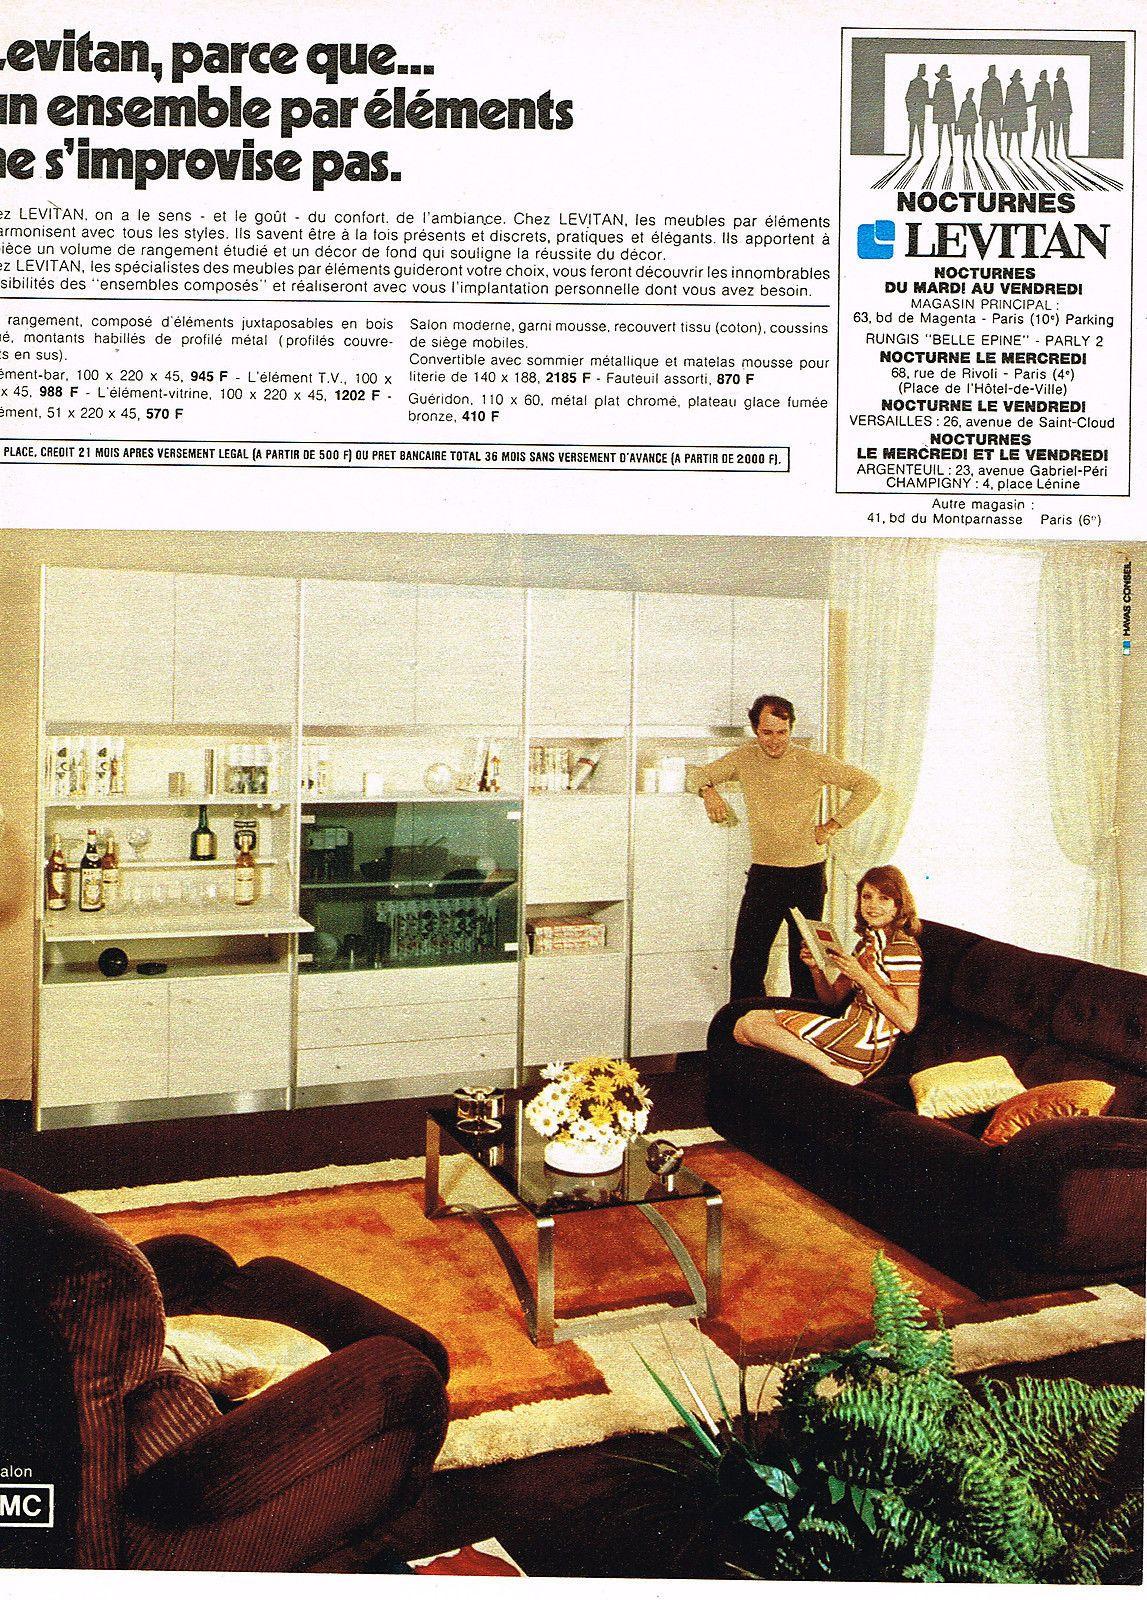 Details Sur Publicite 1972 Levitan Meubles Vintage Decor Vintage House Vintage Home Decor